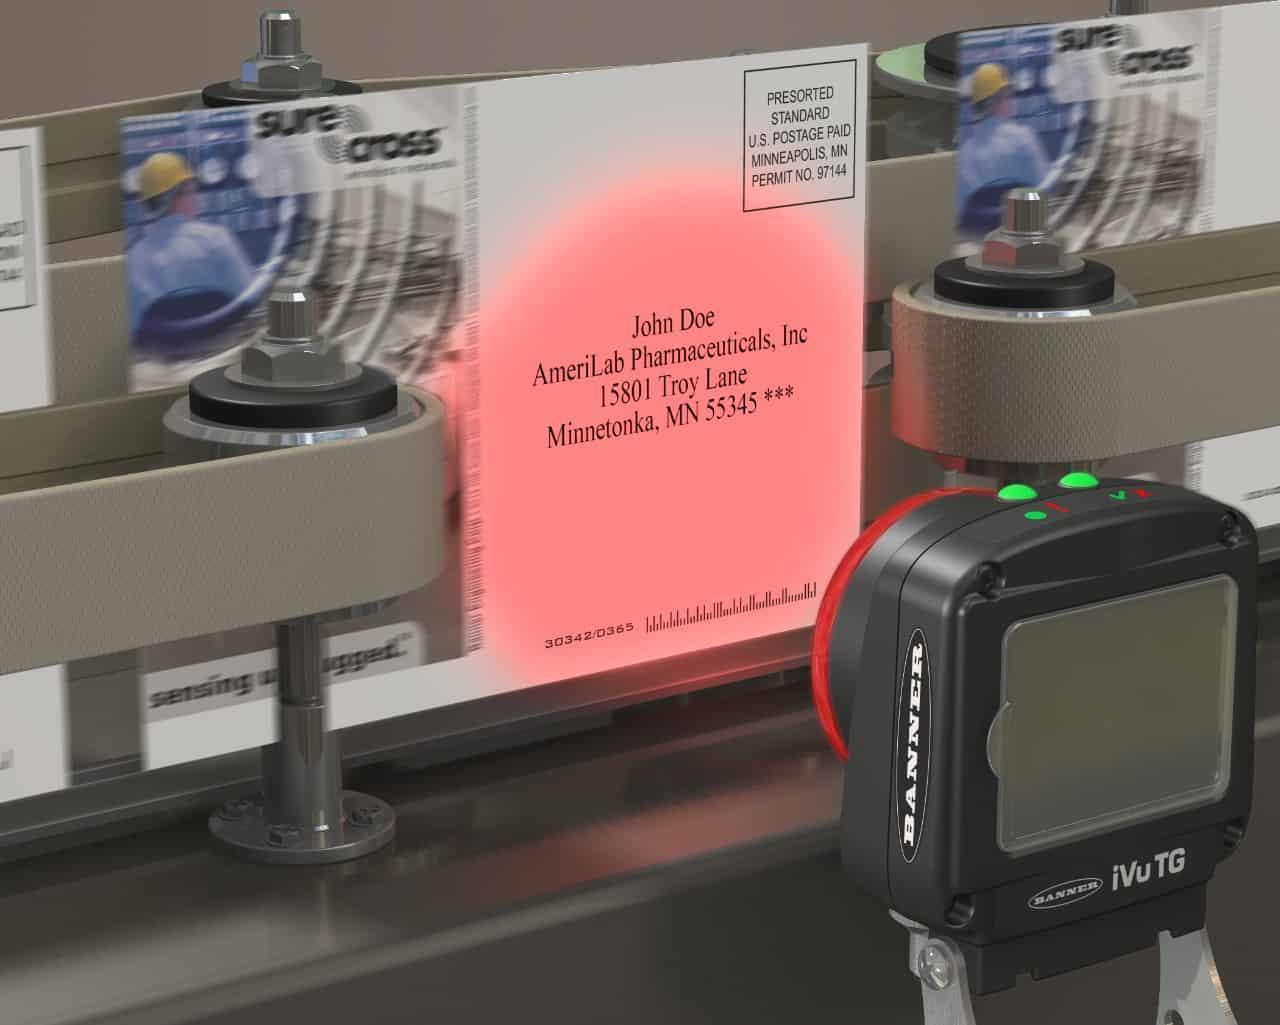 กล้องตรวจสอบสินค้า การตรวจข้อความ